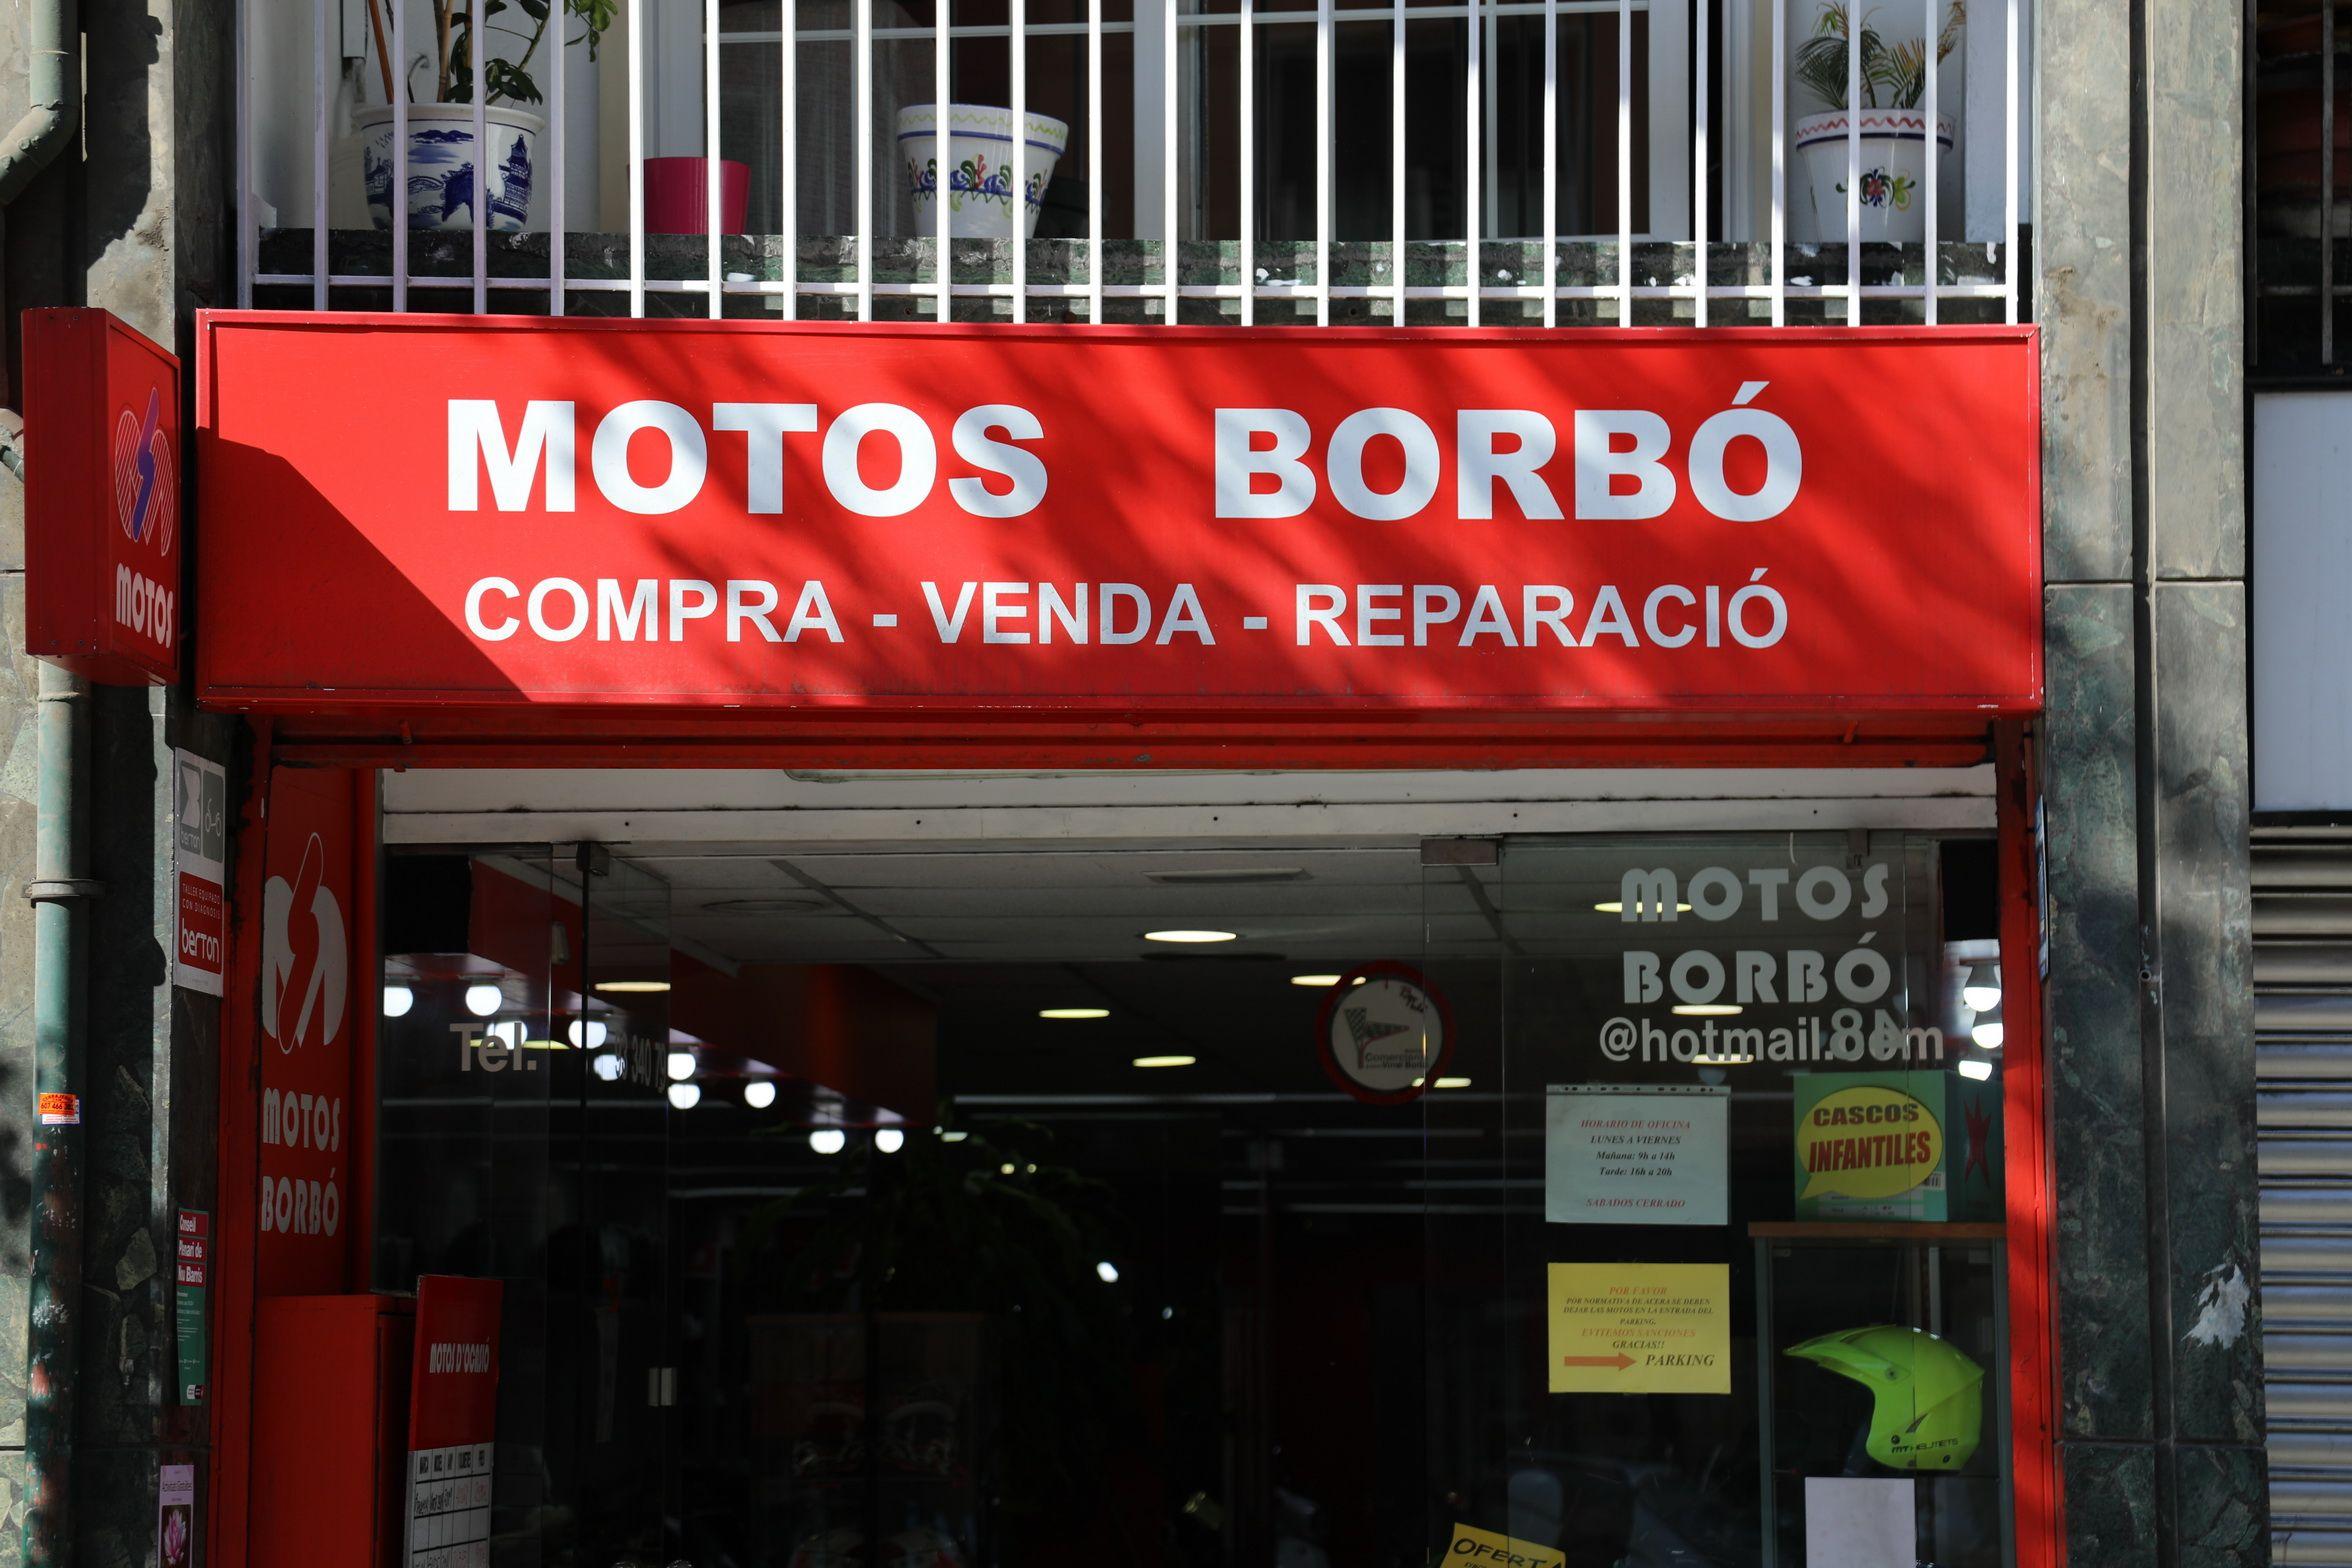 Compra venta y reparación de moto